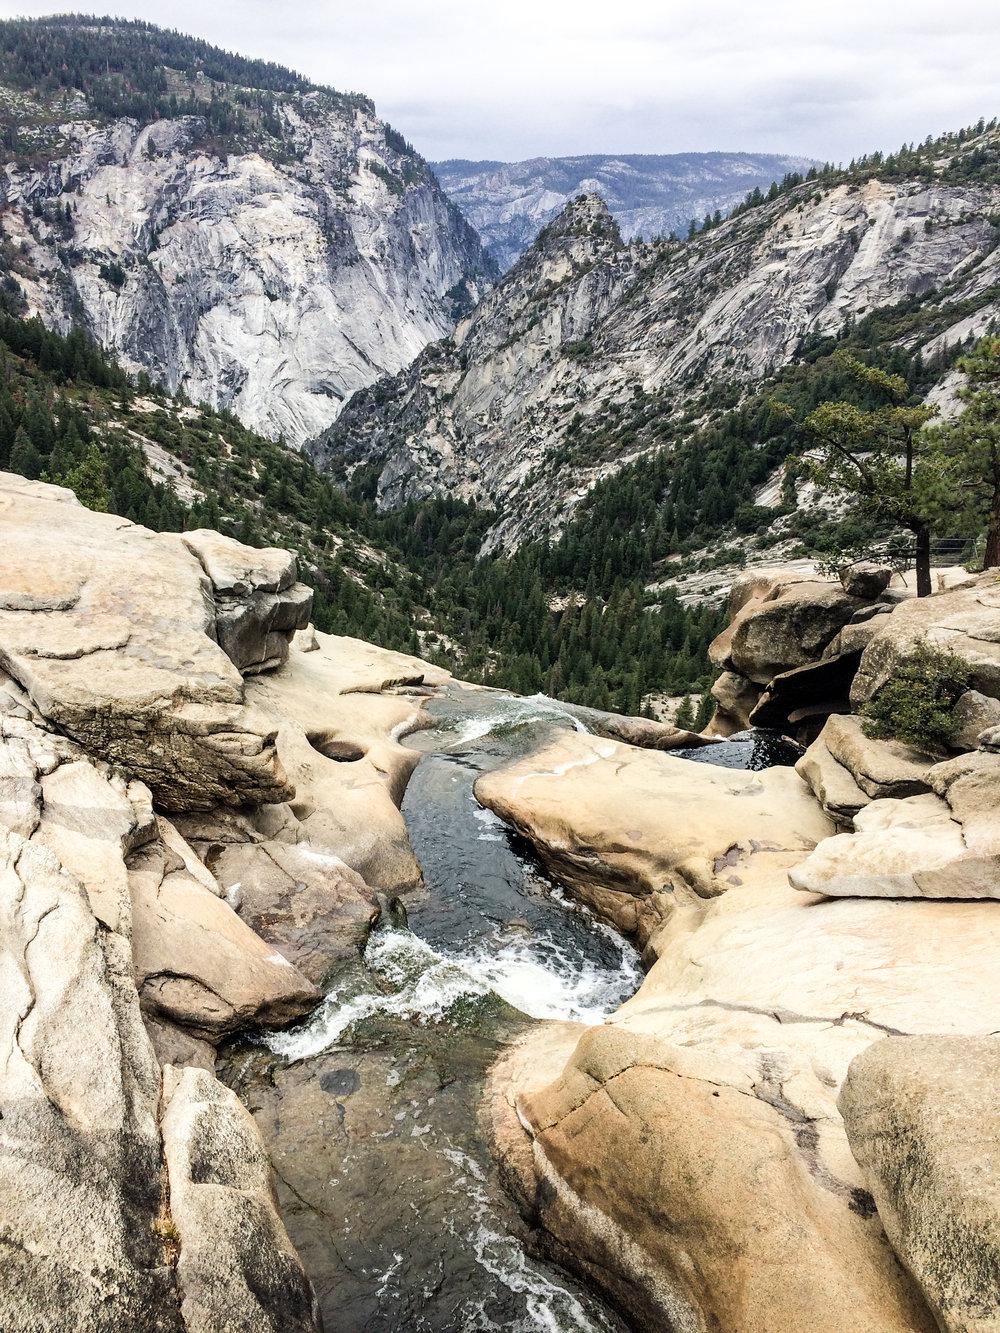 151001_Yosemite 092715_101.jpg